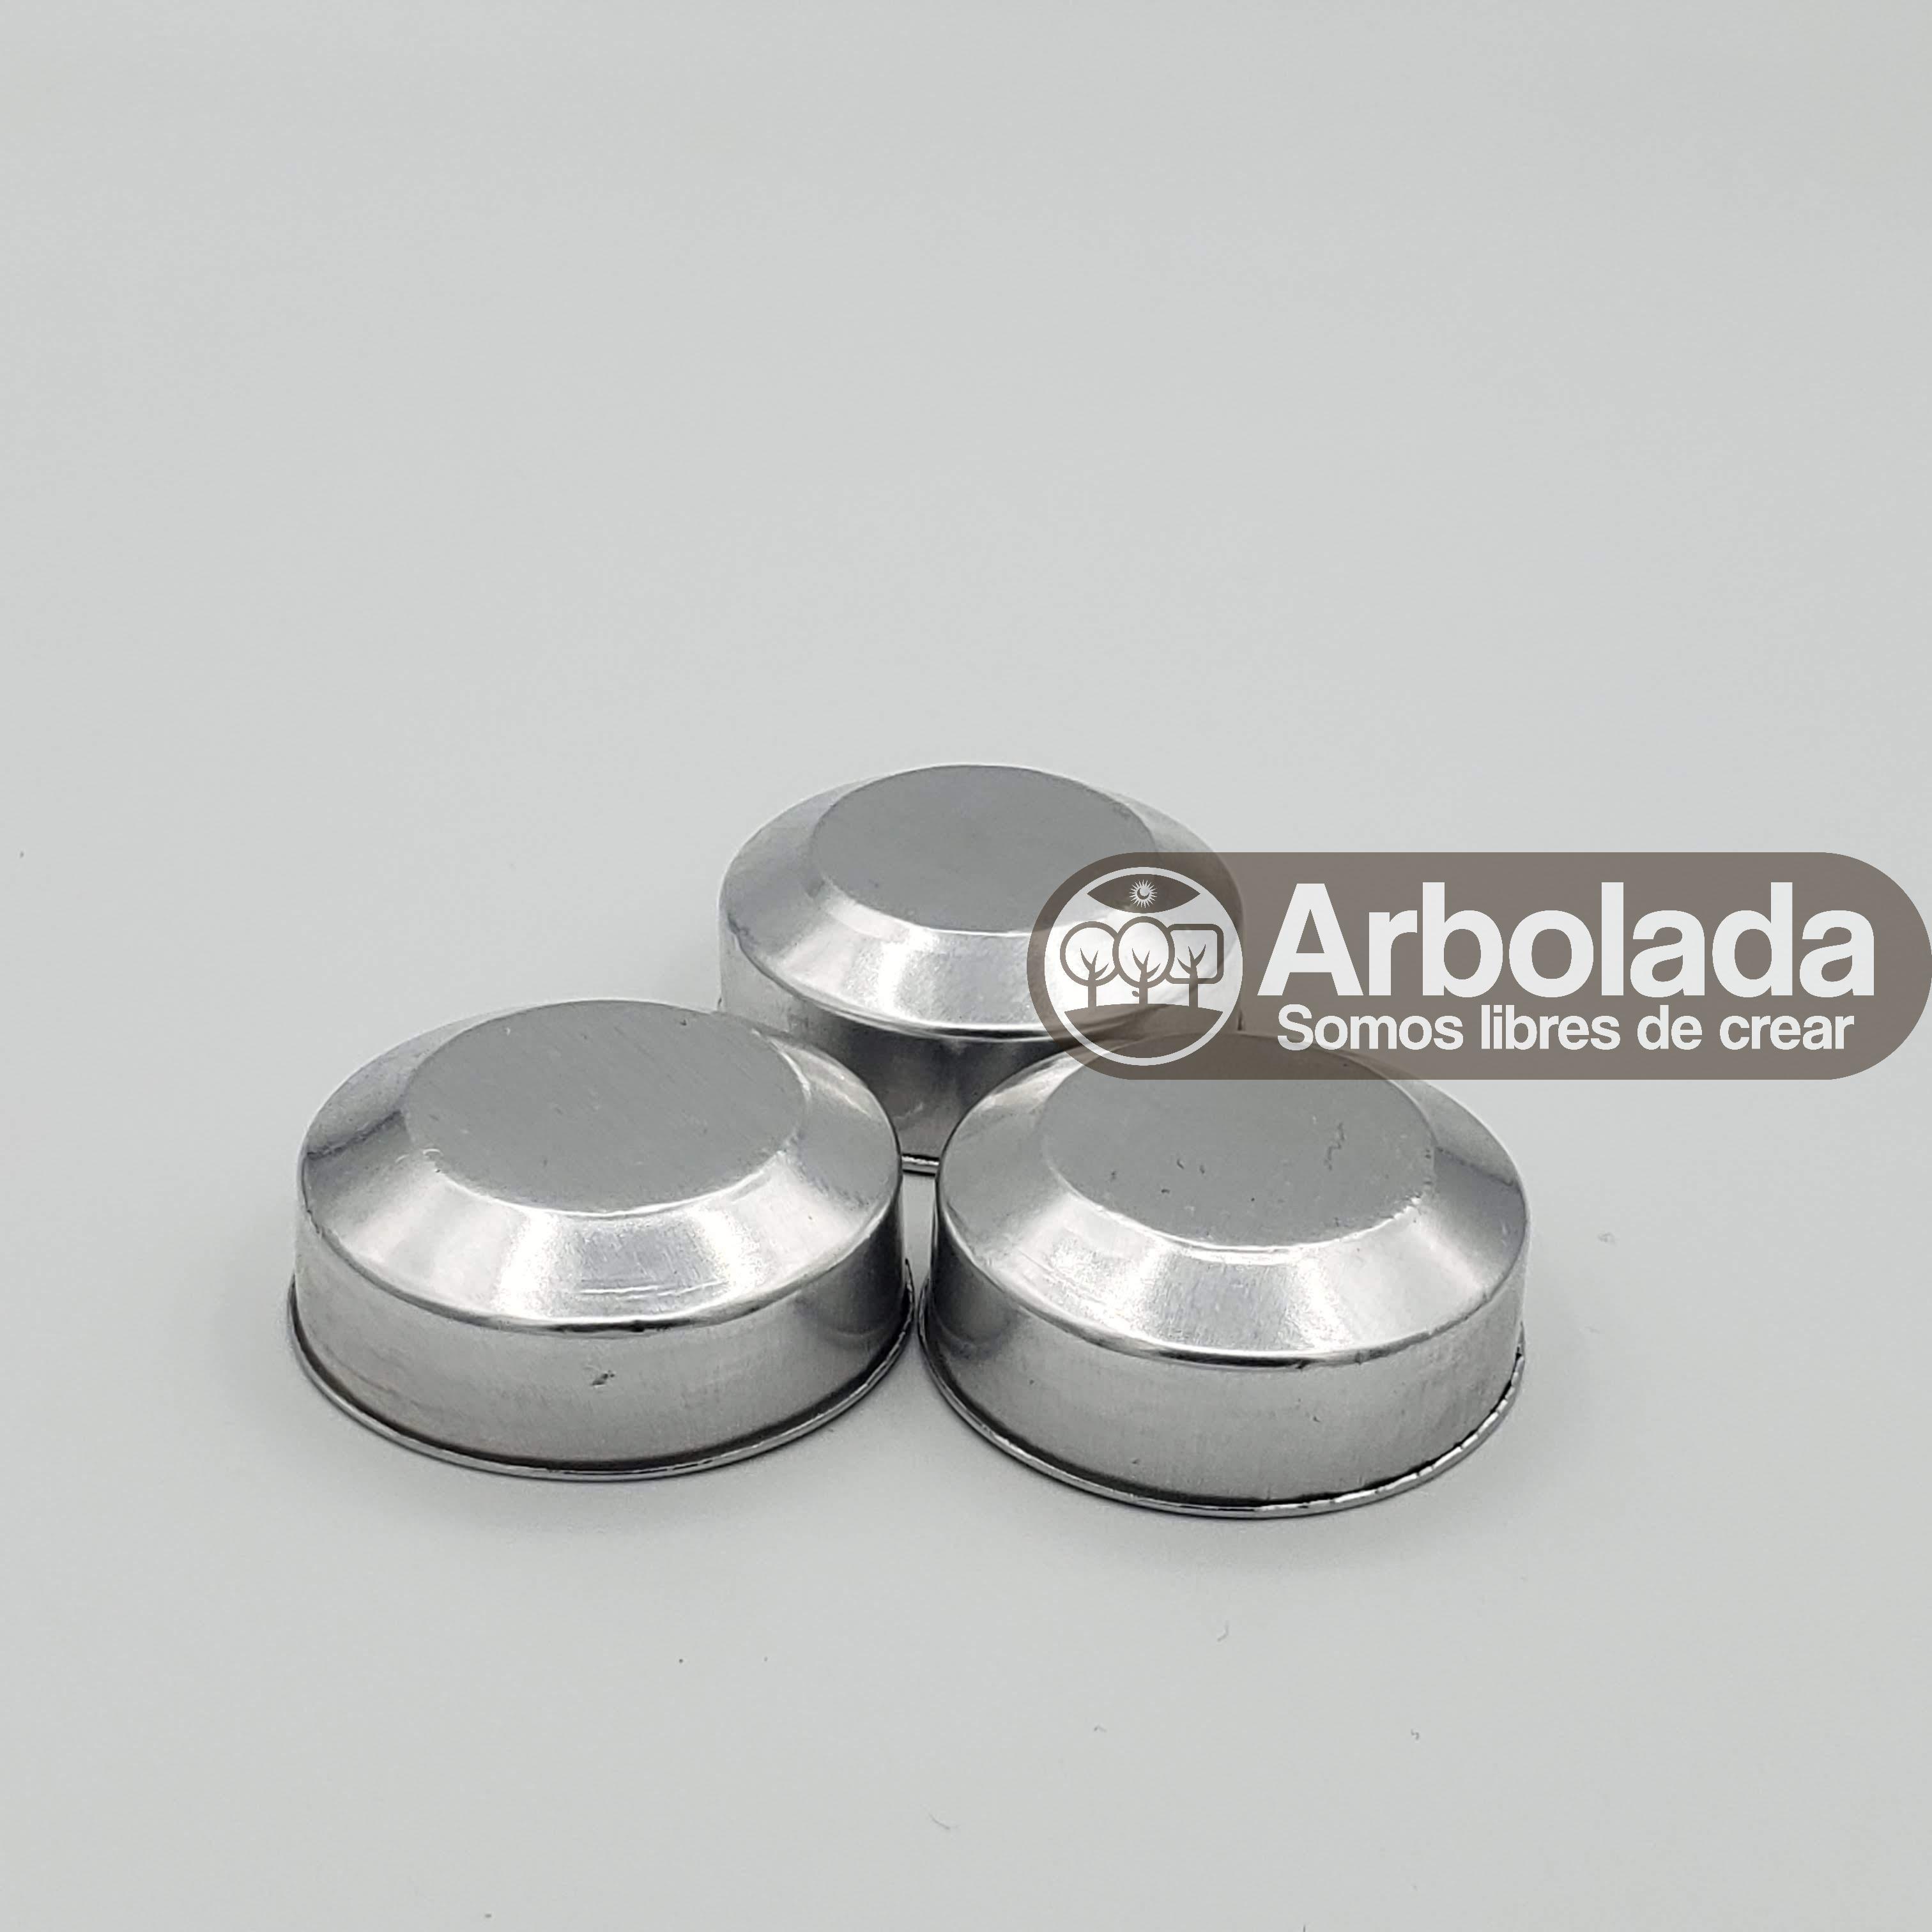 Set de portavela de aluminio (10 unidades)